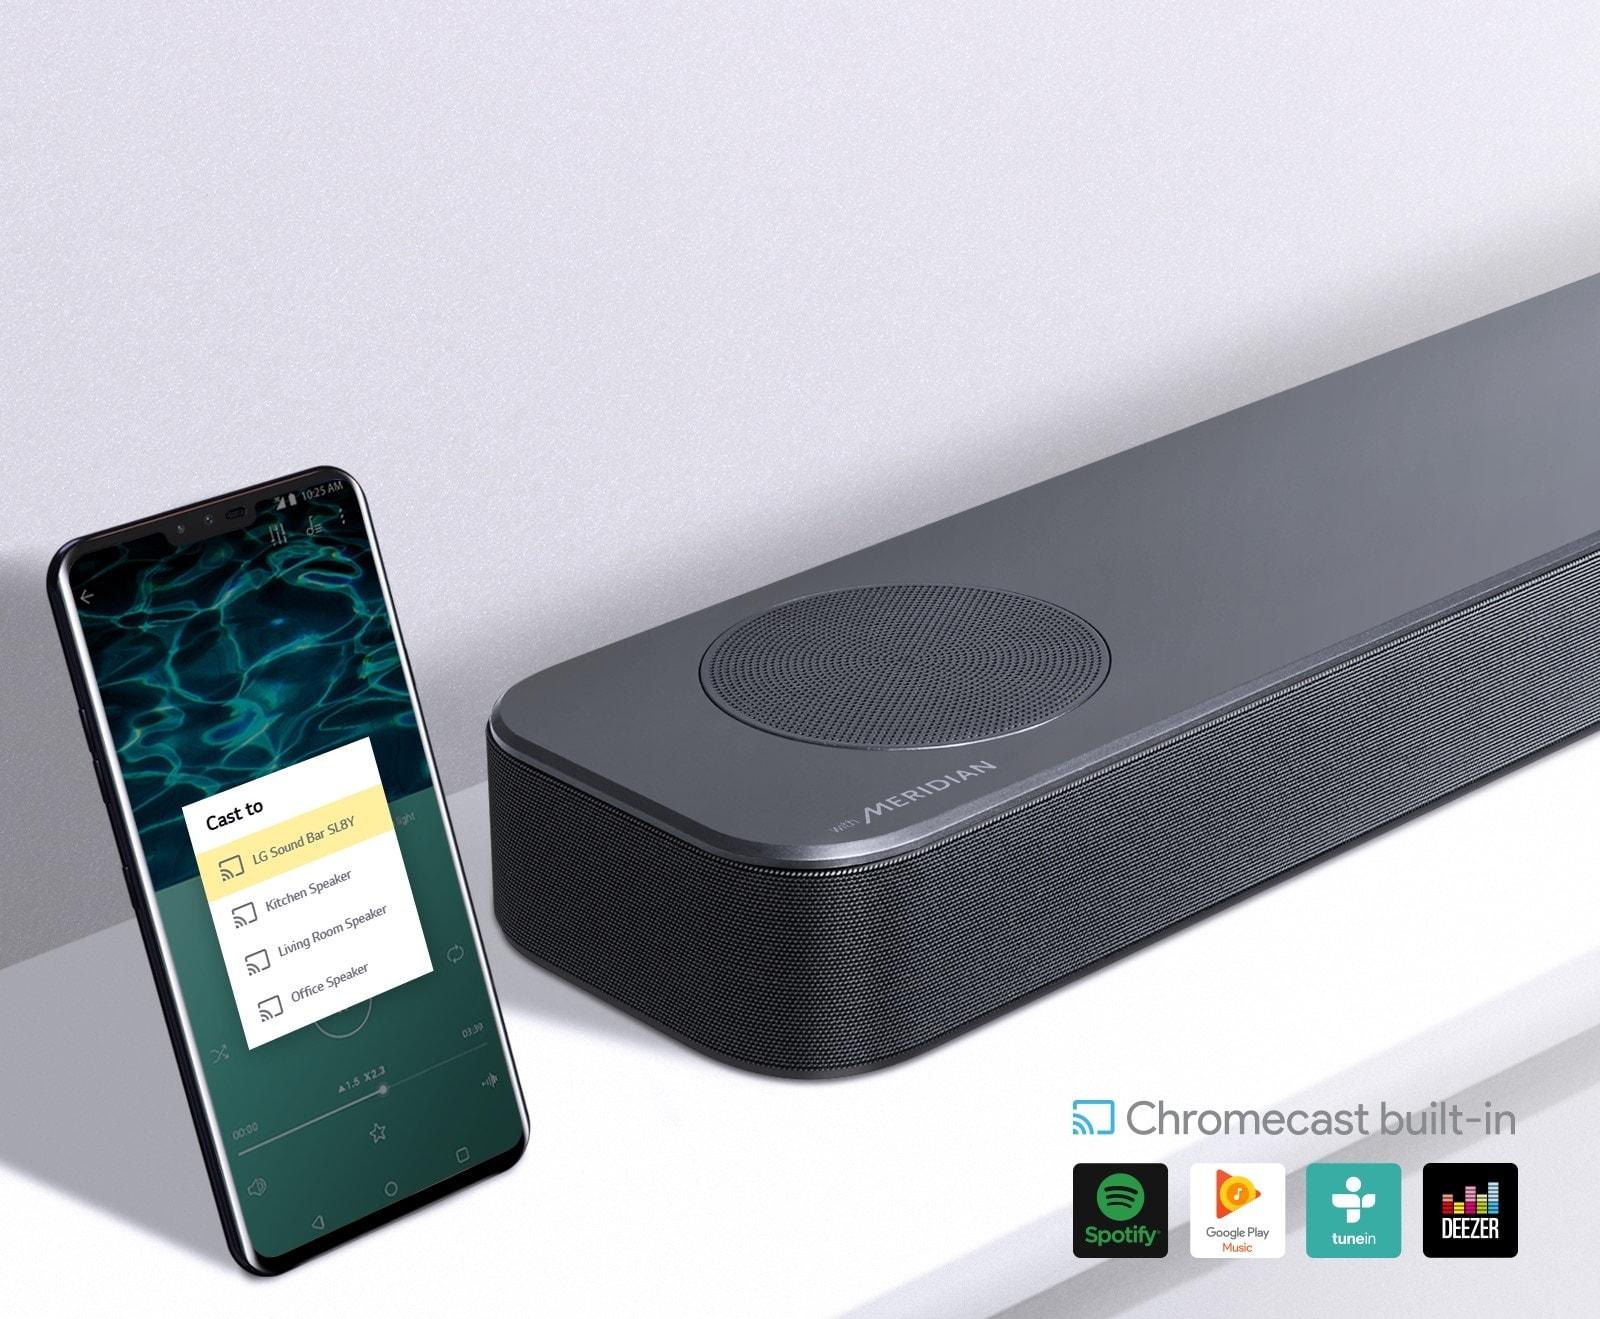 SL8YG_Chromecast-built-in-Desktop_19032019